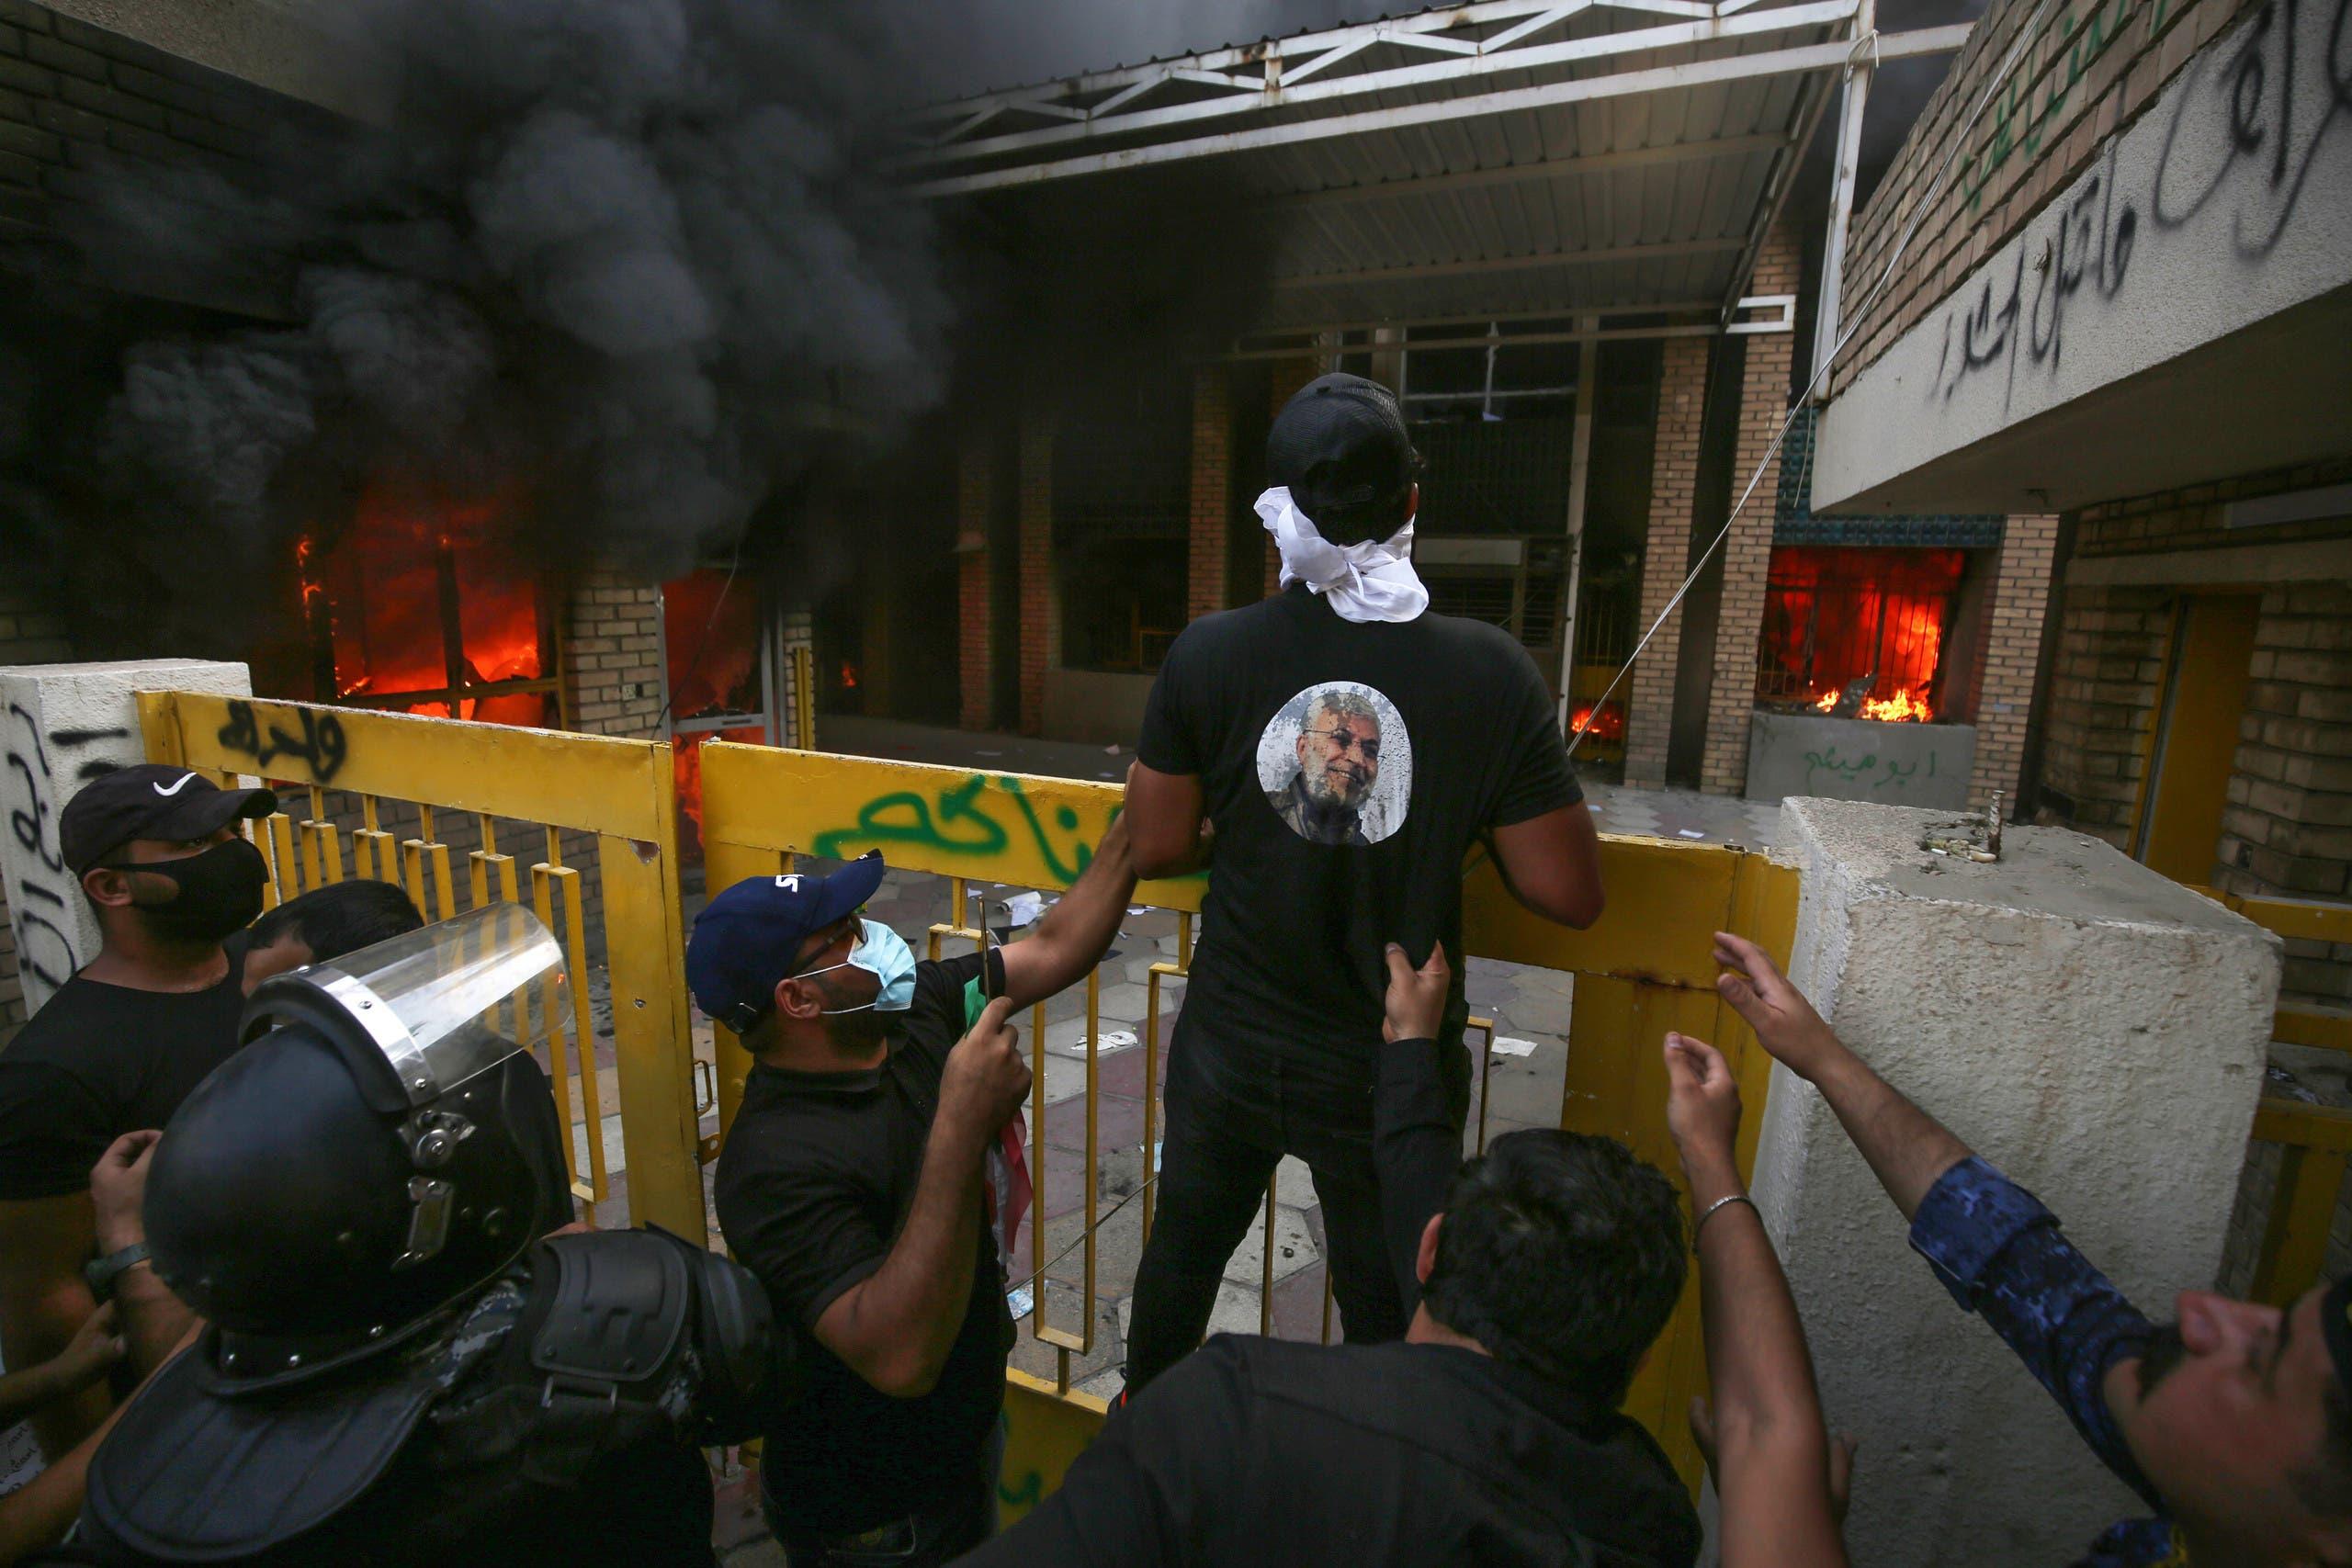 من محيط مقر الحزب الديمقراطي الكردستاني في بغداد (16 أكتوبر 2020- فرانس برس)